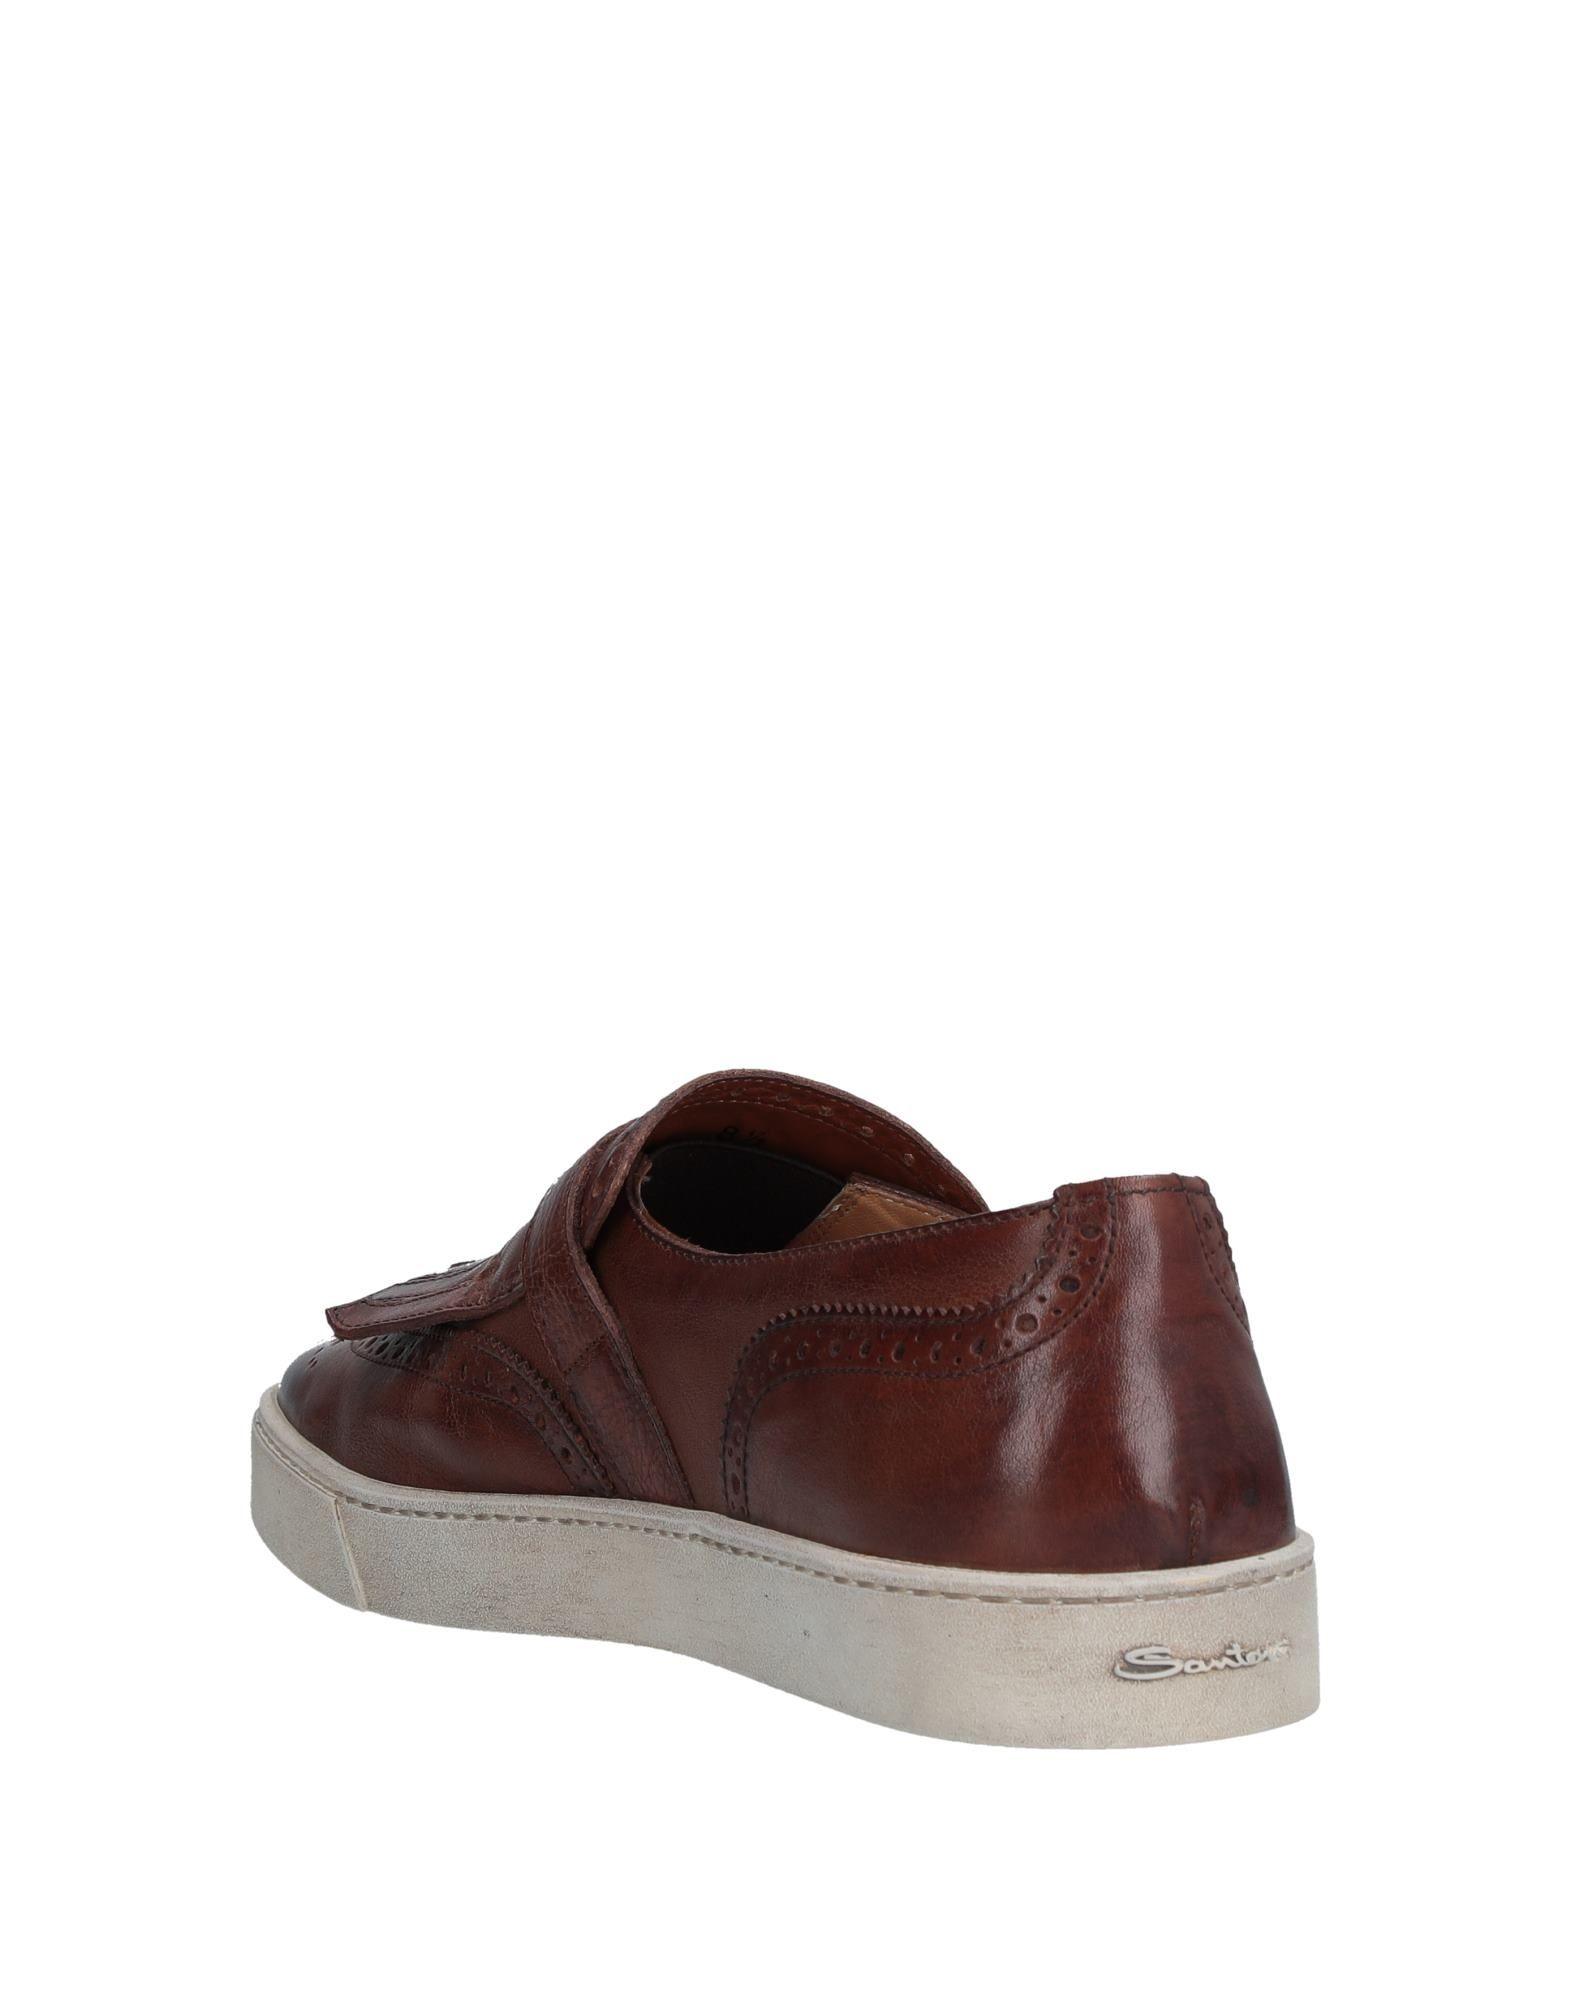 Santoni Loafers - Men Men Men Santoni Loafers online on  Australia - 11541976EP d439f0